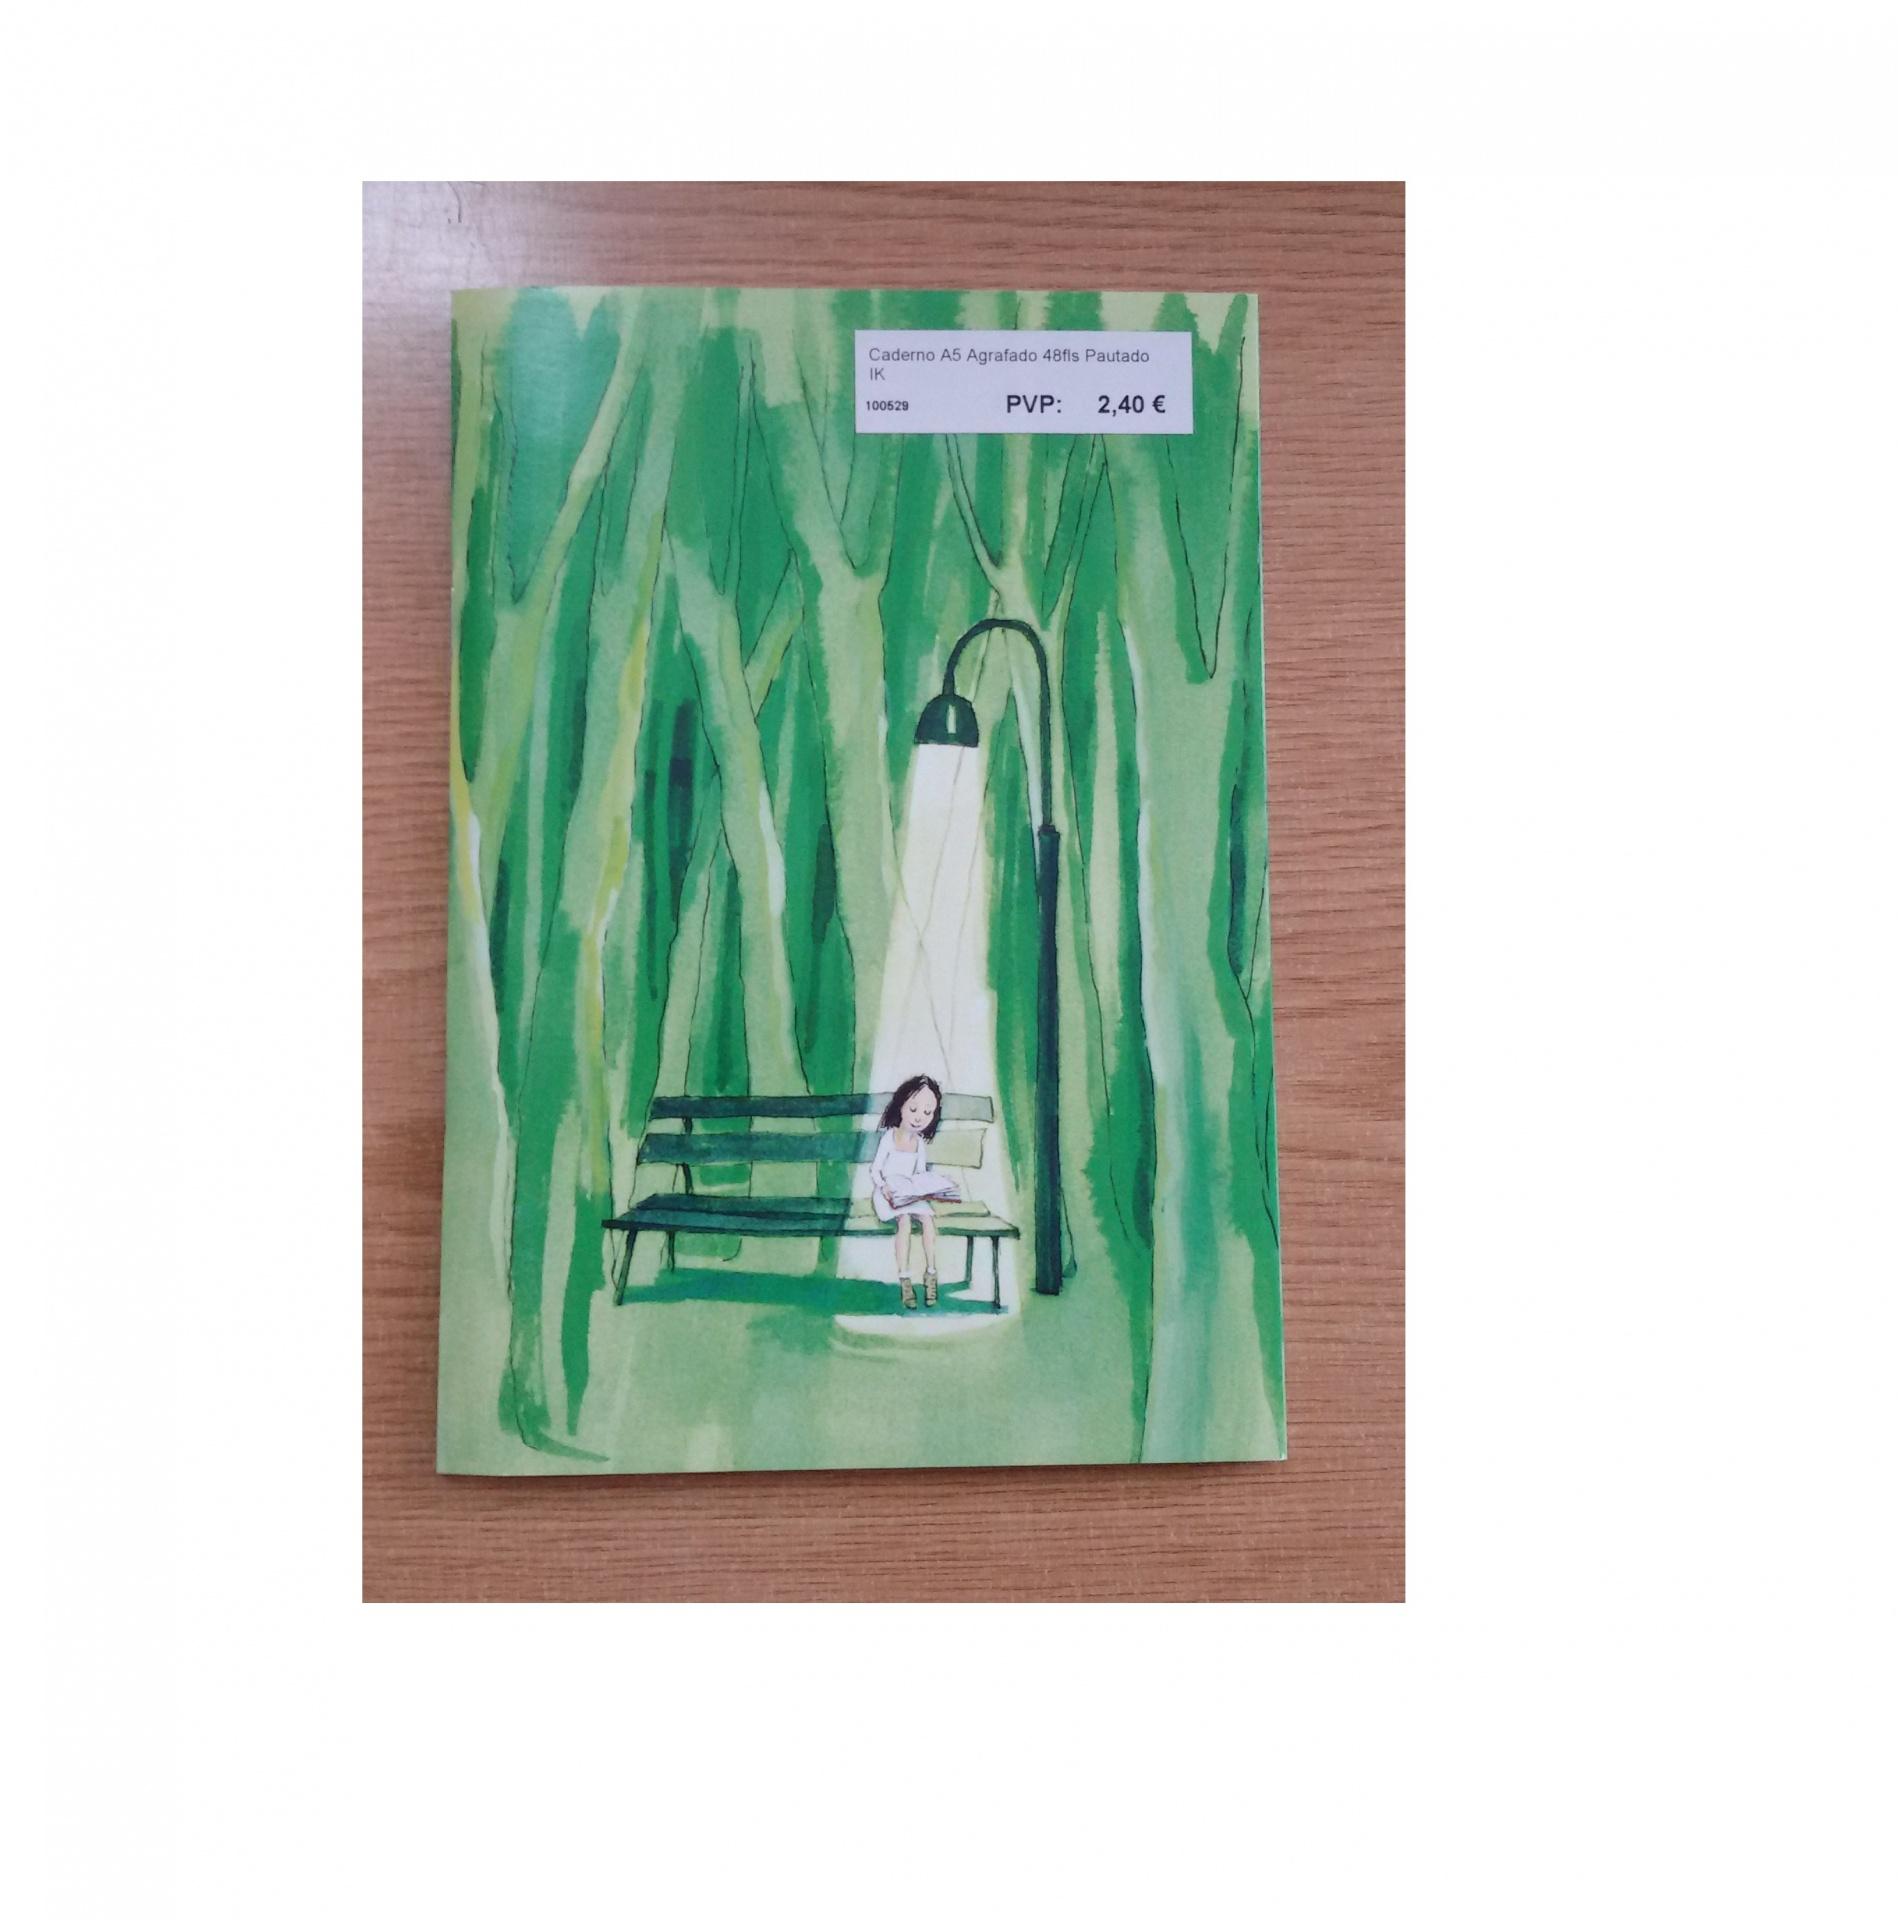 Caderno A5 Agrafado 48fls Pautado